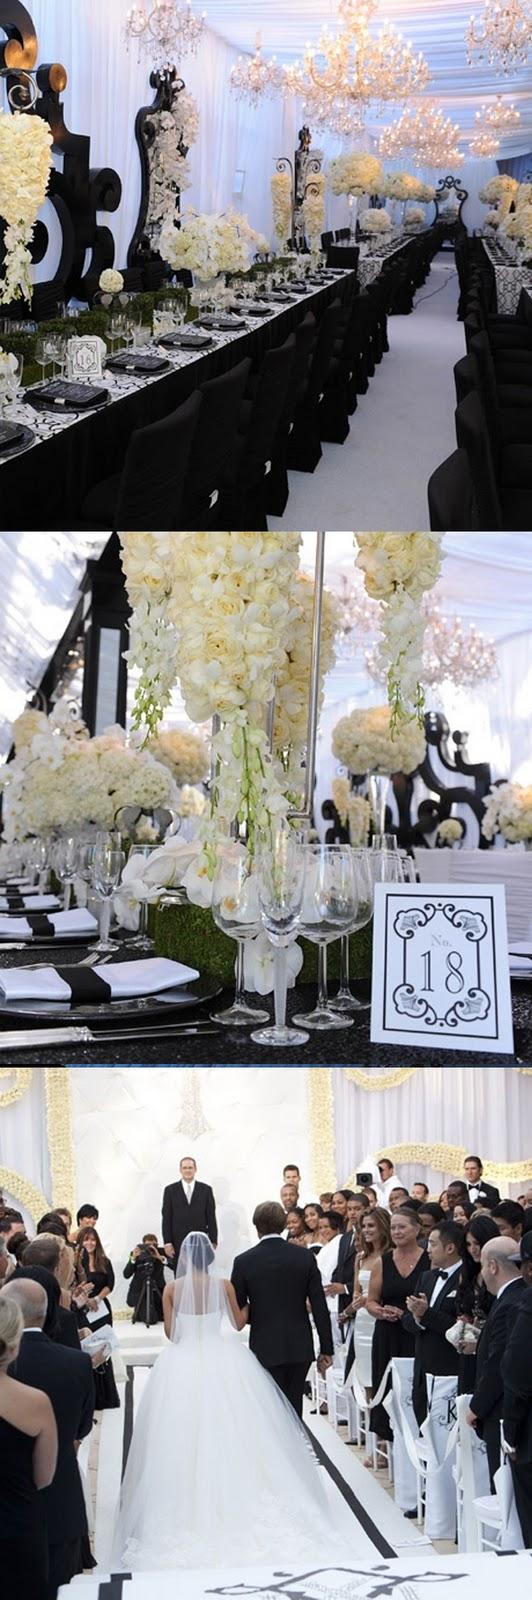 Decoração do altar e mesa do casamento de Kim Kardashian